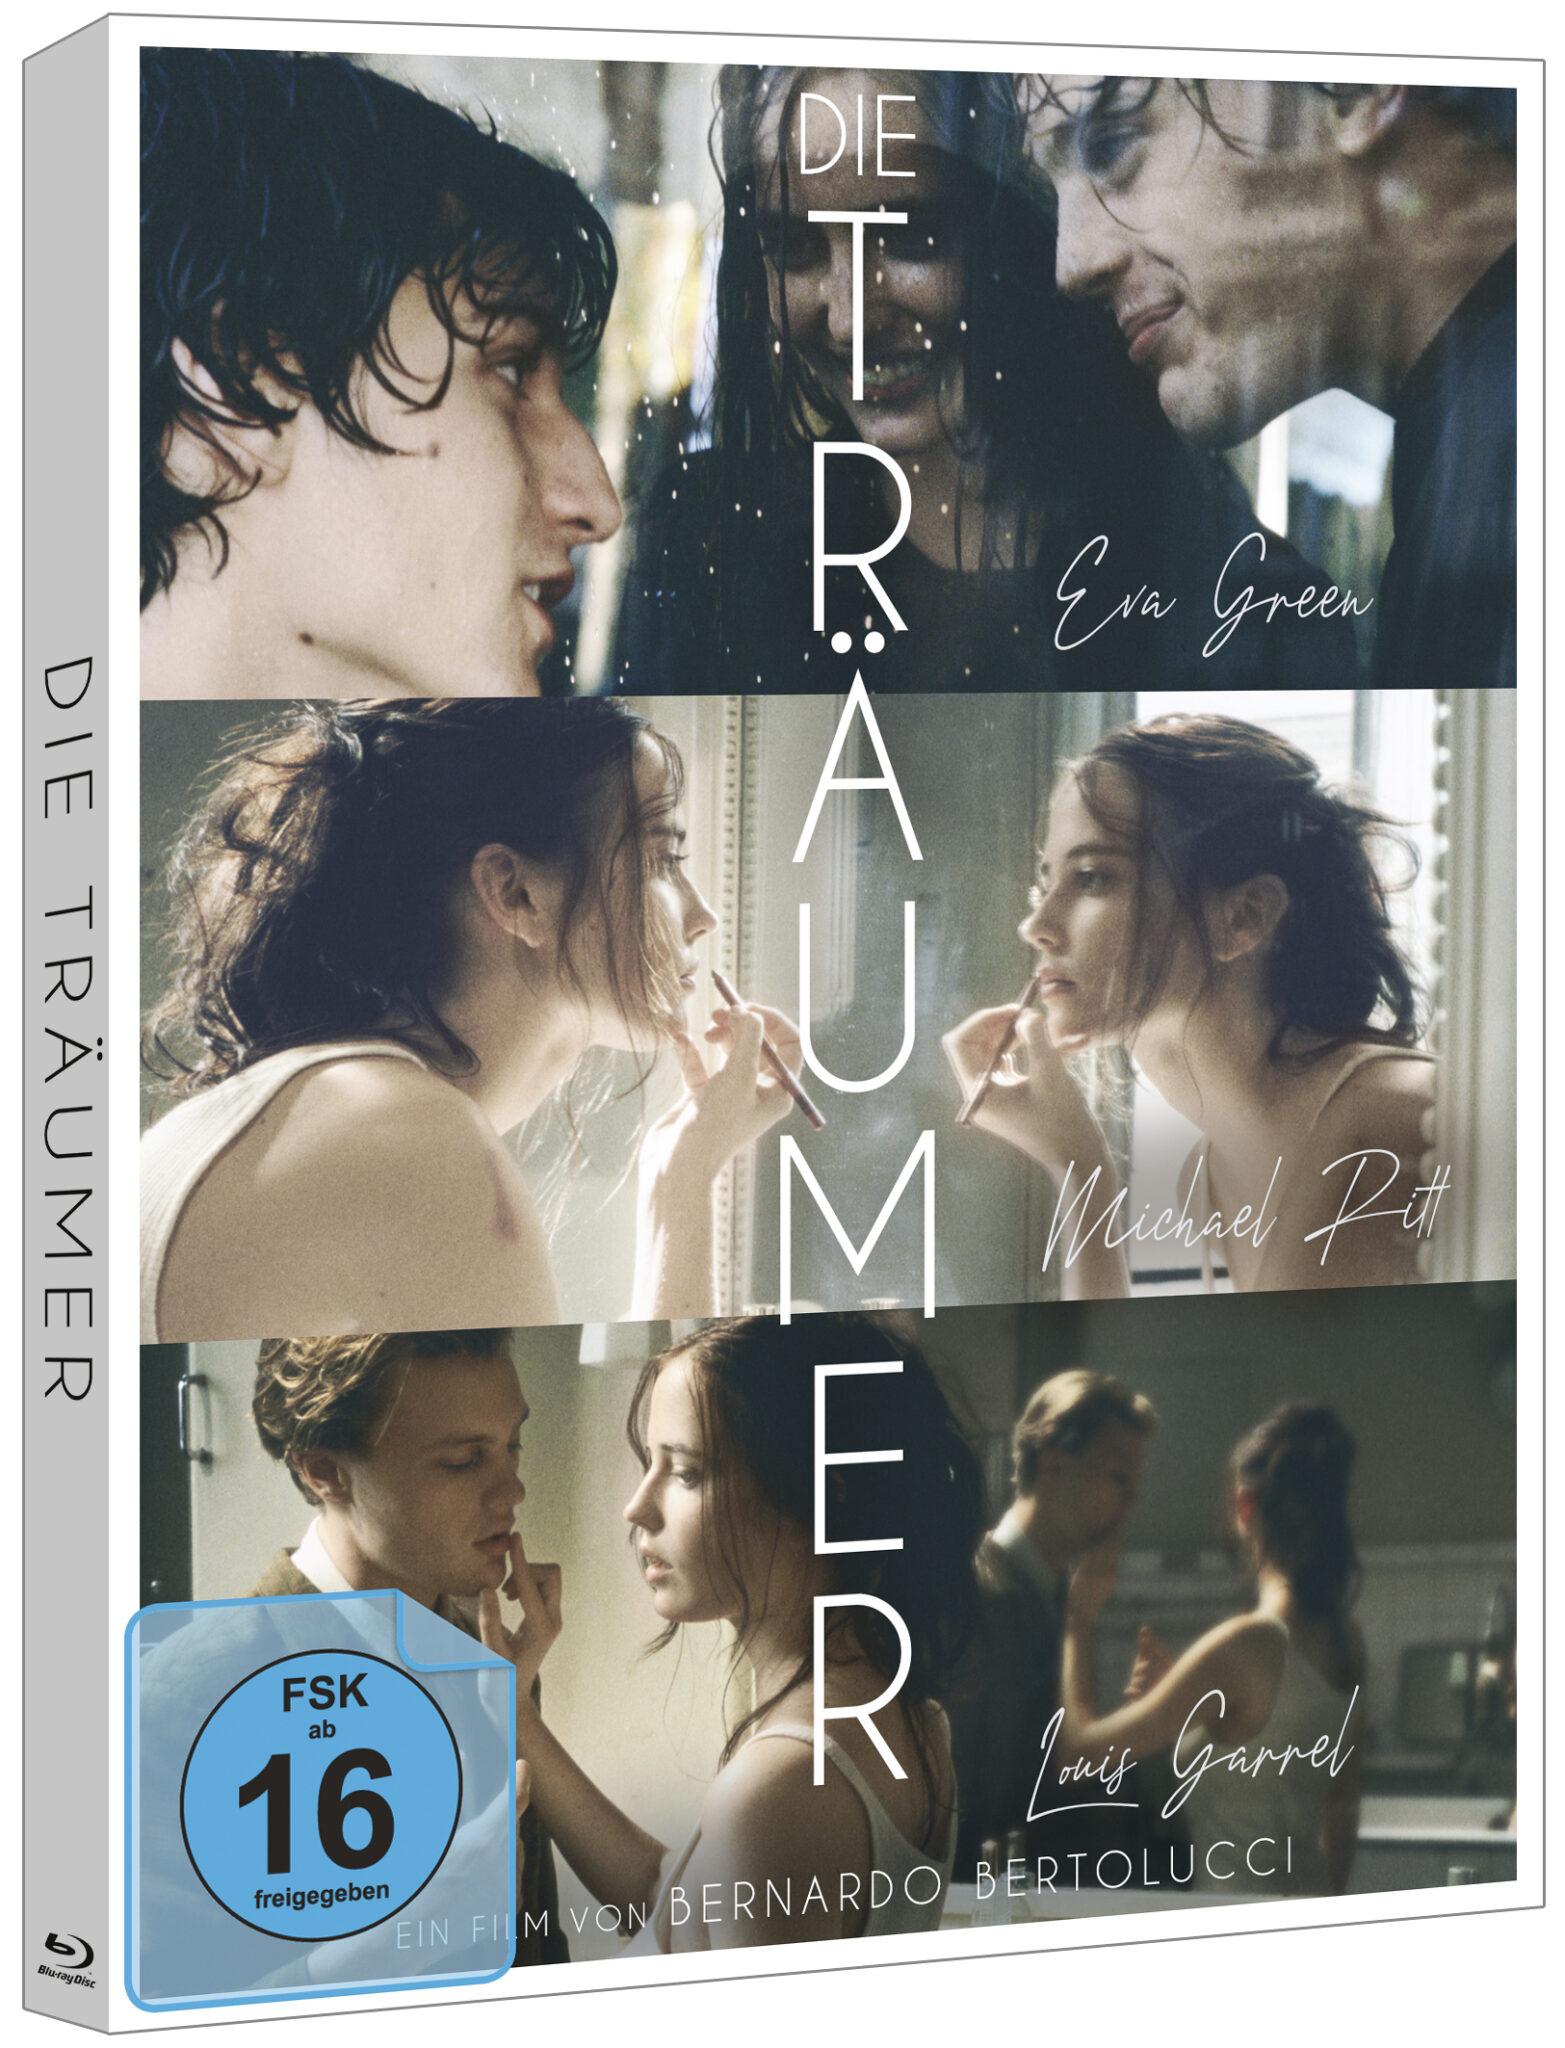 Das schön gestaltete Cover zu Die Träumer zeigt drei Szenenbilder untereinander. In schlichter weißer Schrift zieht sich der Titel von oben nach unten.